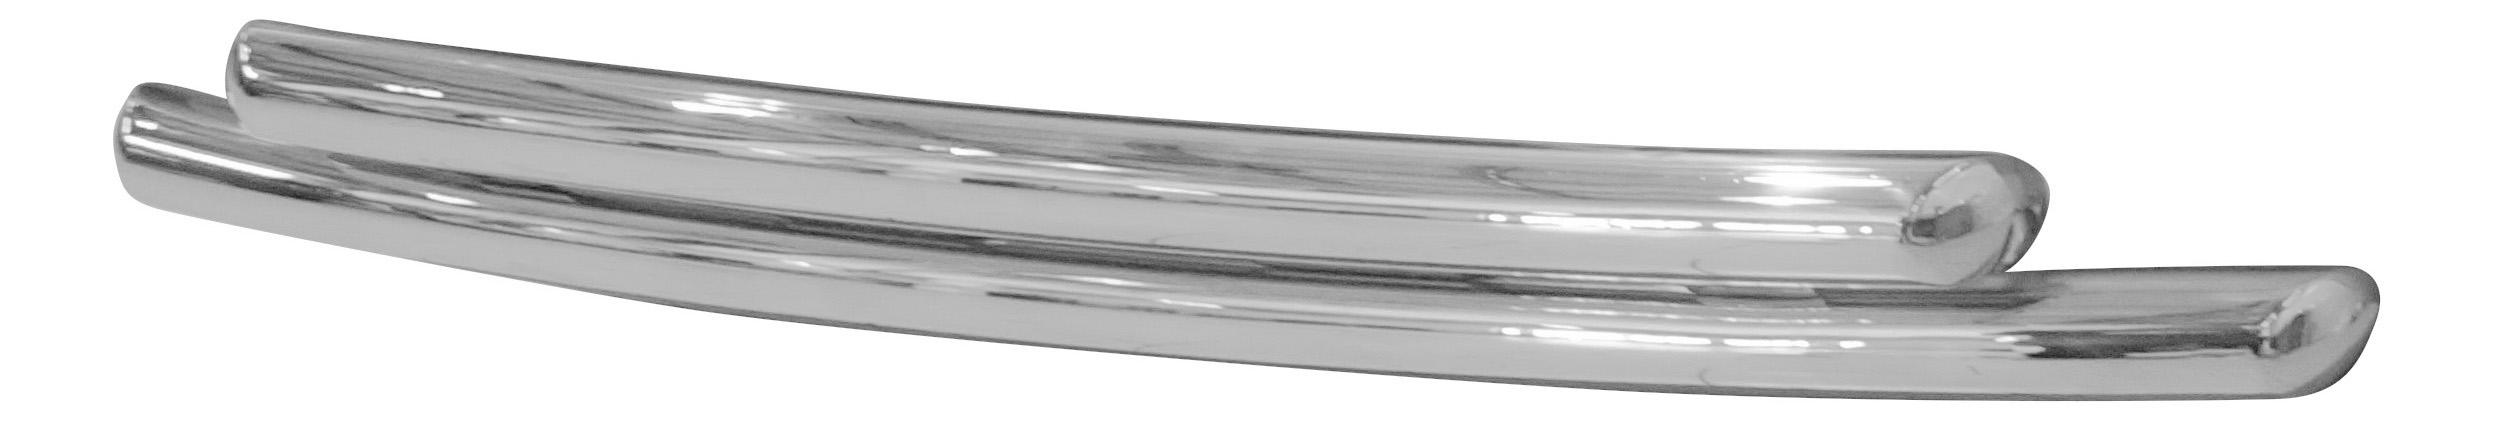 Защита заднего бампера Can Otomotiv для Lifan